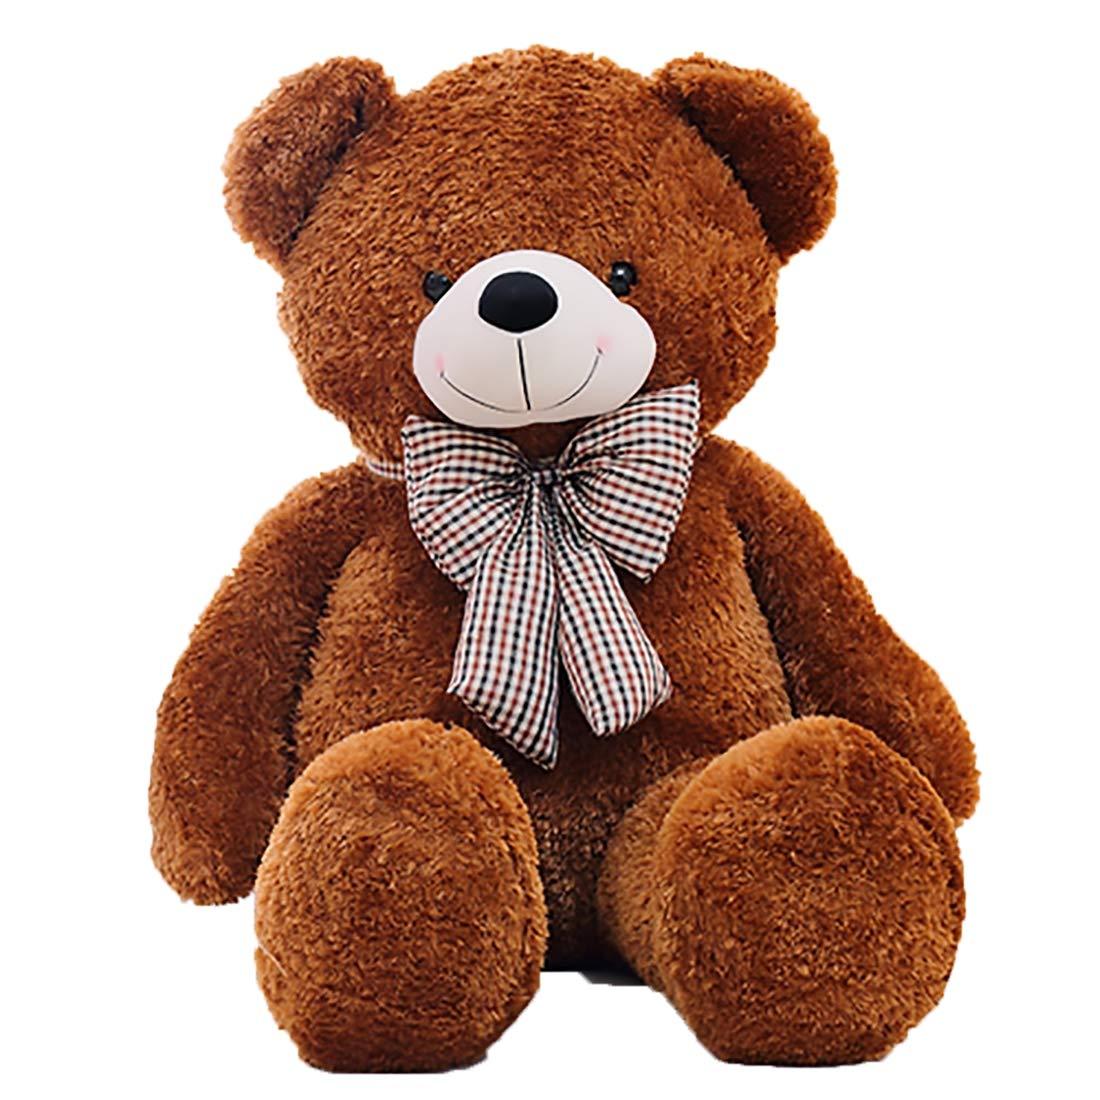 Zhyaj Teddybär,Bow Tie Bear Plüsch Handgefertigt Netter Entwurf Kein Geruch Es Ist eine PlüSchpuppe Super Weißher PlüSch Und PP-Baumwollpolsterung 80180CM Ist Eine Perfekte Wahl braun L